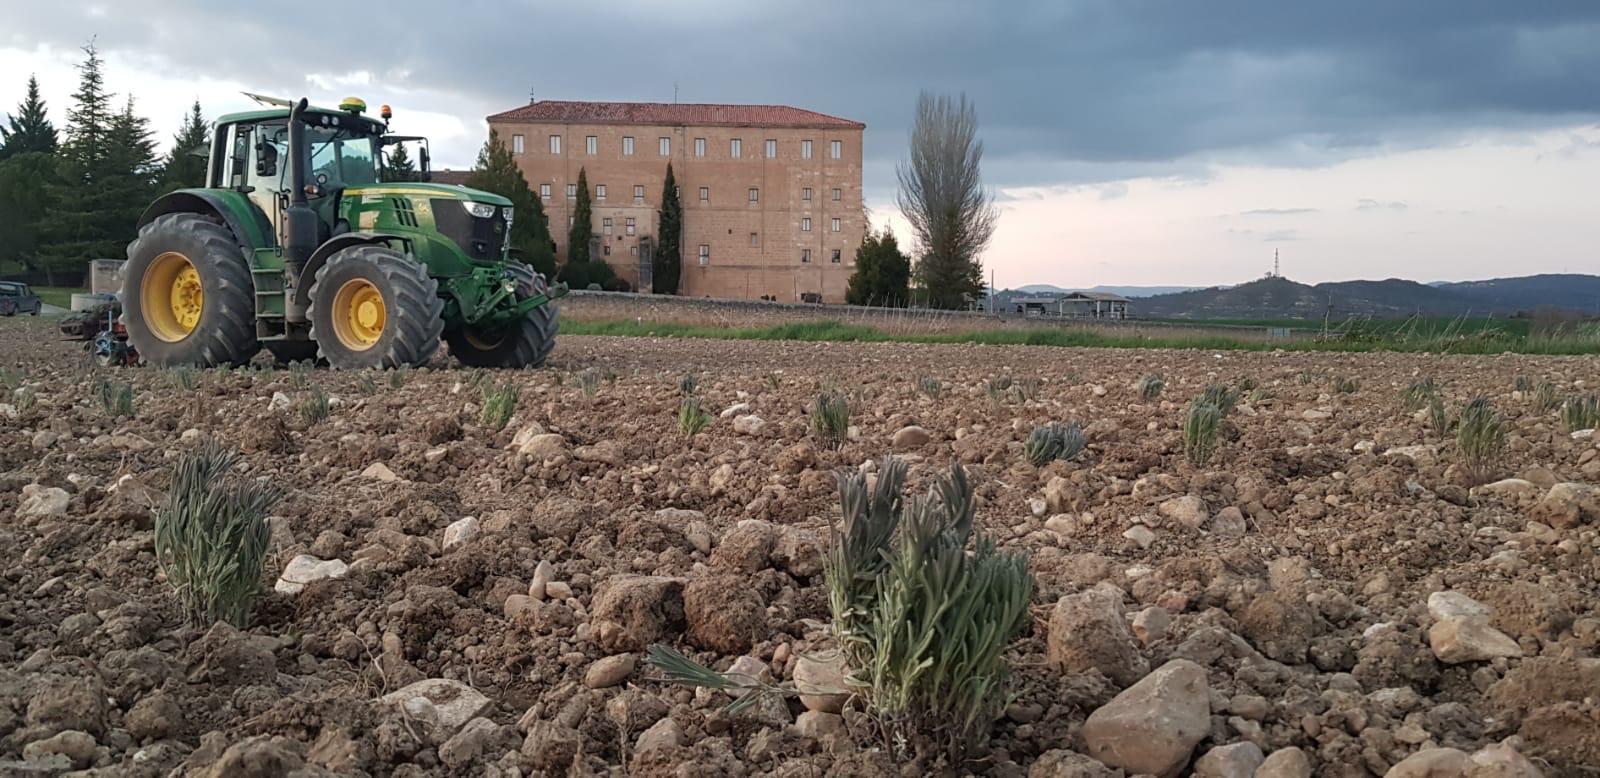 Llegadas desde Guadalajara, las plantas ya brotan en Santa Gadea del Cid, entre otras localidades